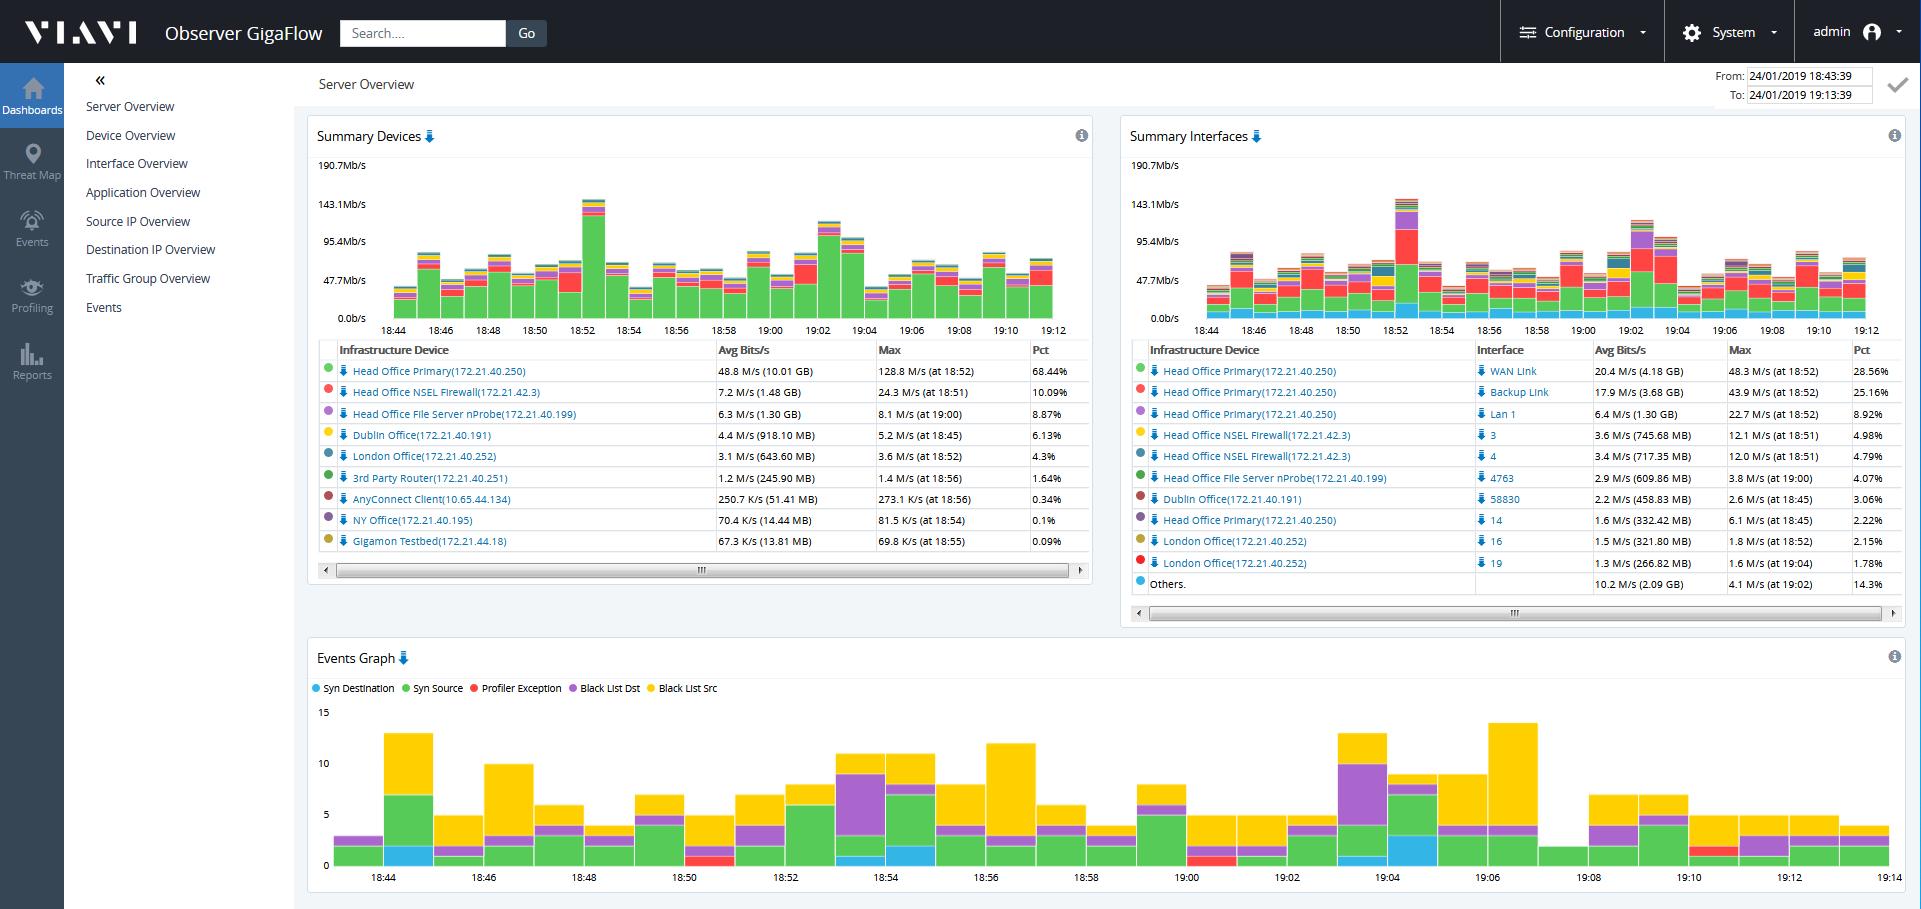 GigaFlow Summary Dashboard